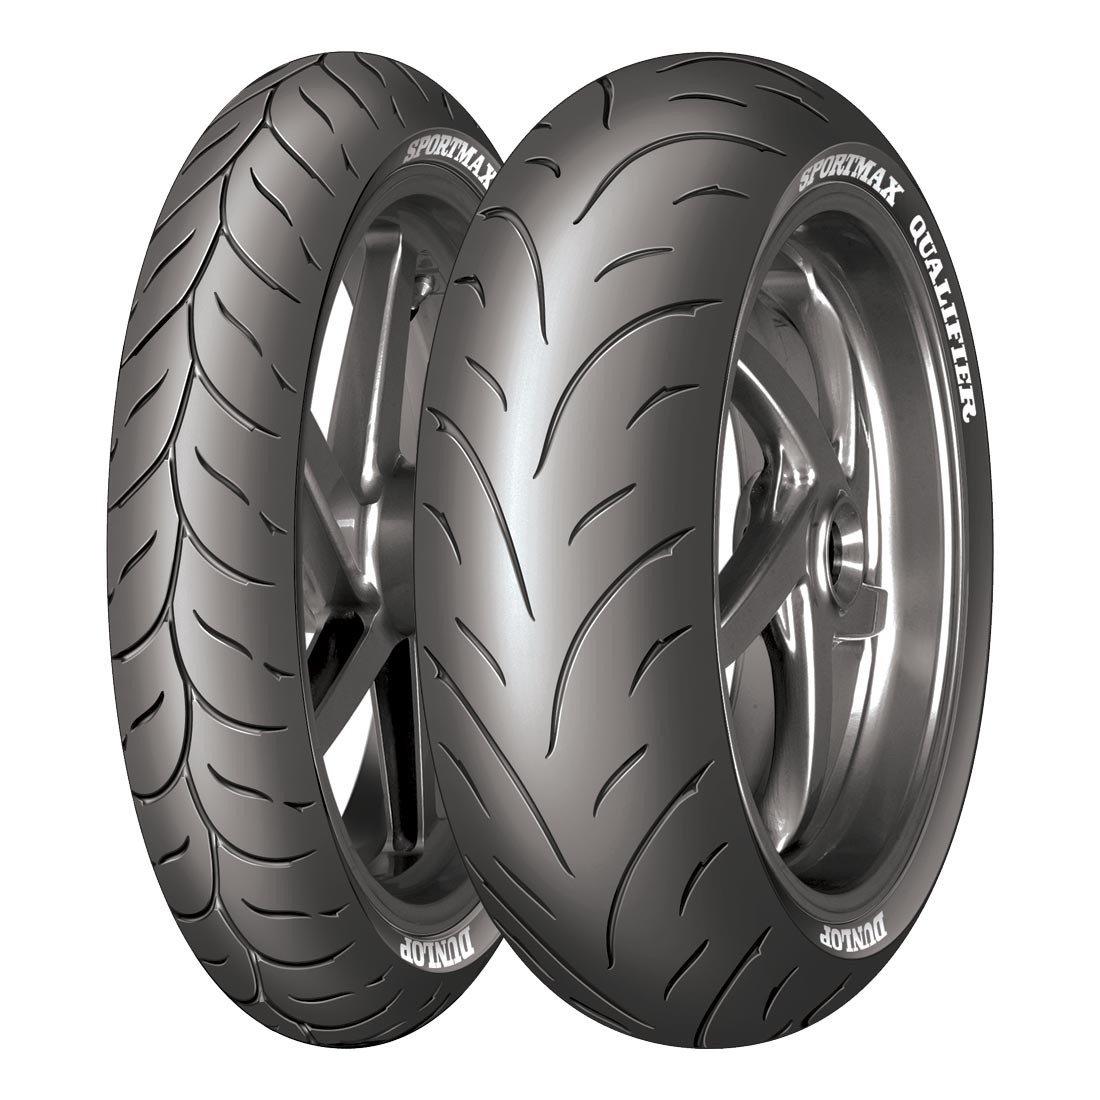 Dunlop Sportmax Qualifier 120/60 R17 55W